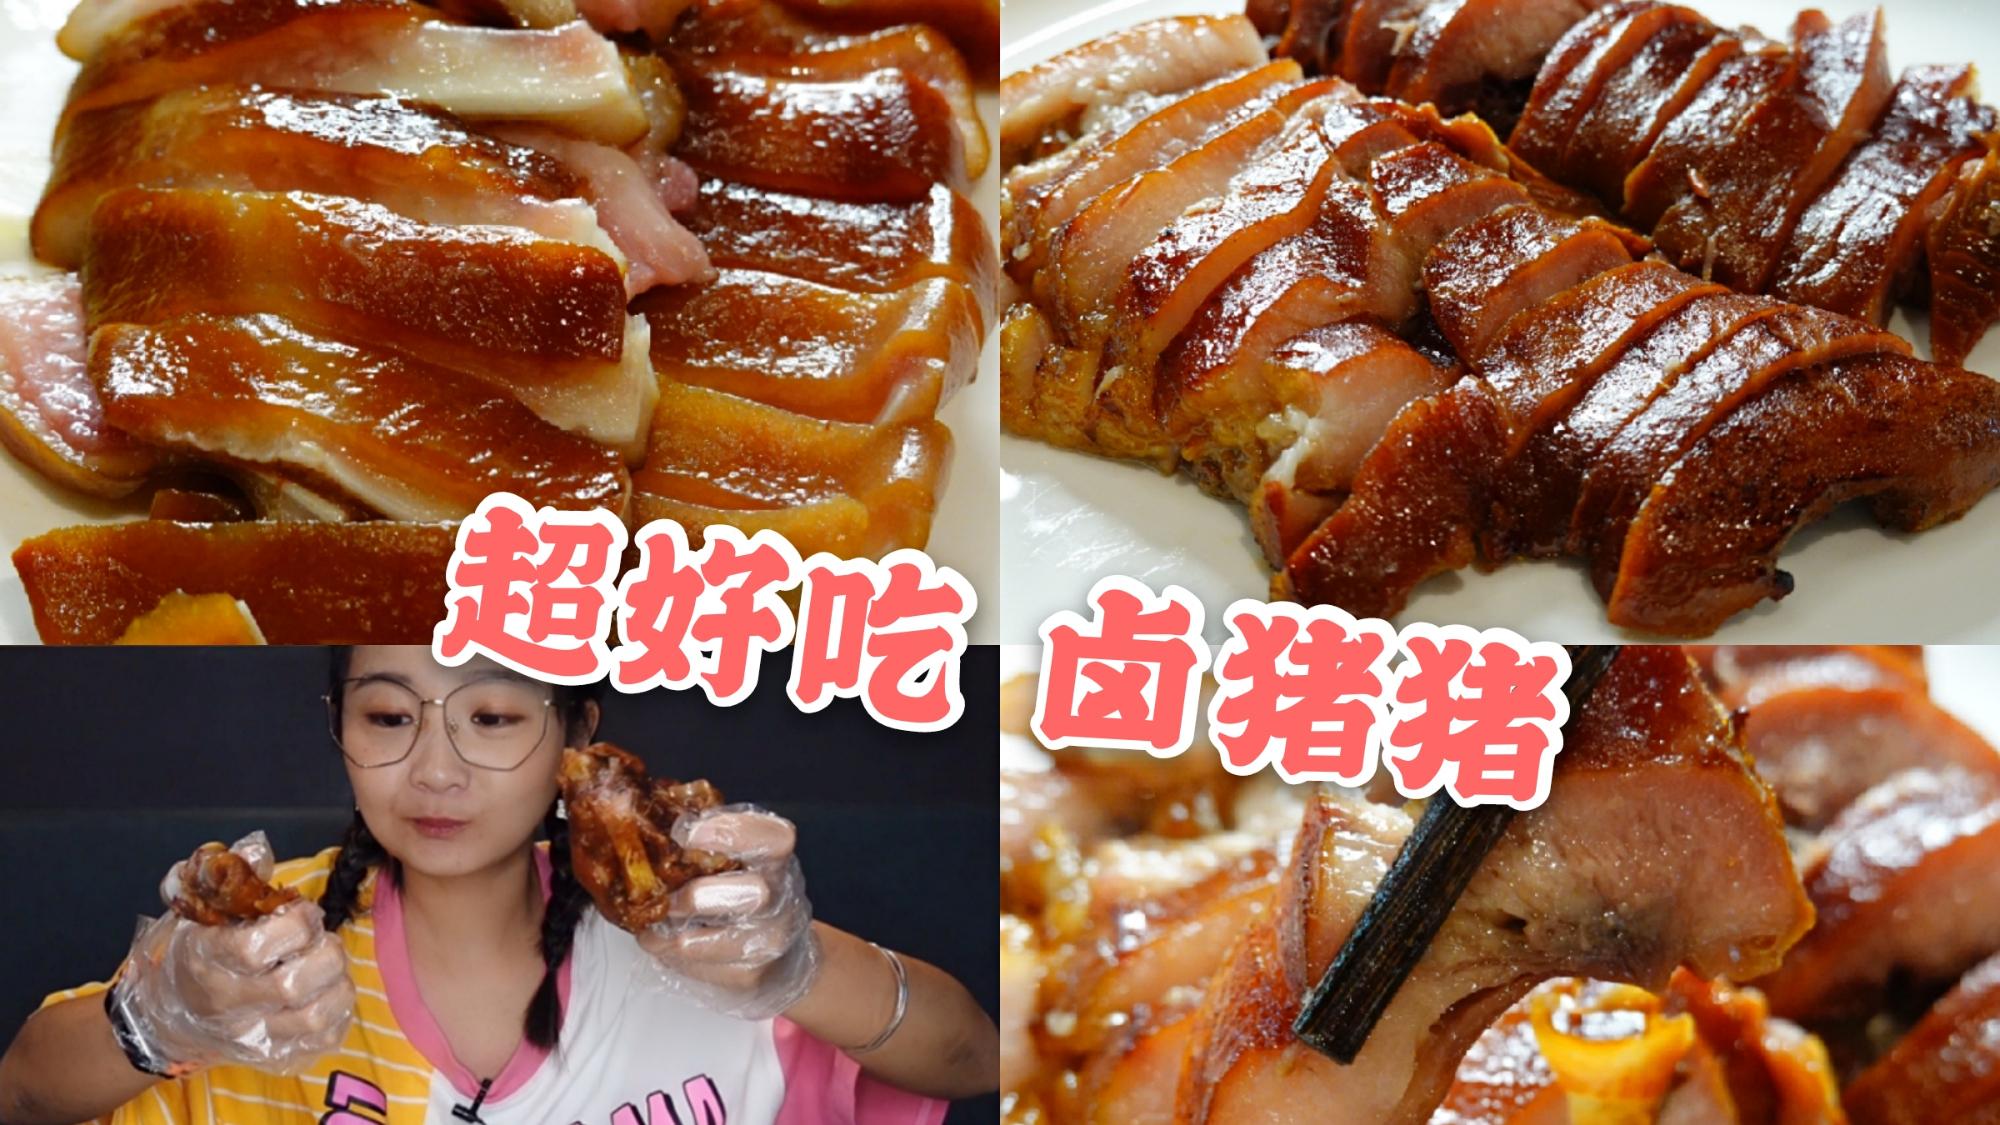 【逛吃北京】鱼锅店里的私房卤味!酱卤+熏肉融合,卤猪猪来啦!